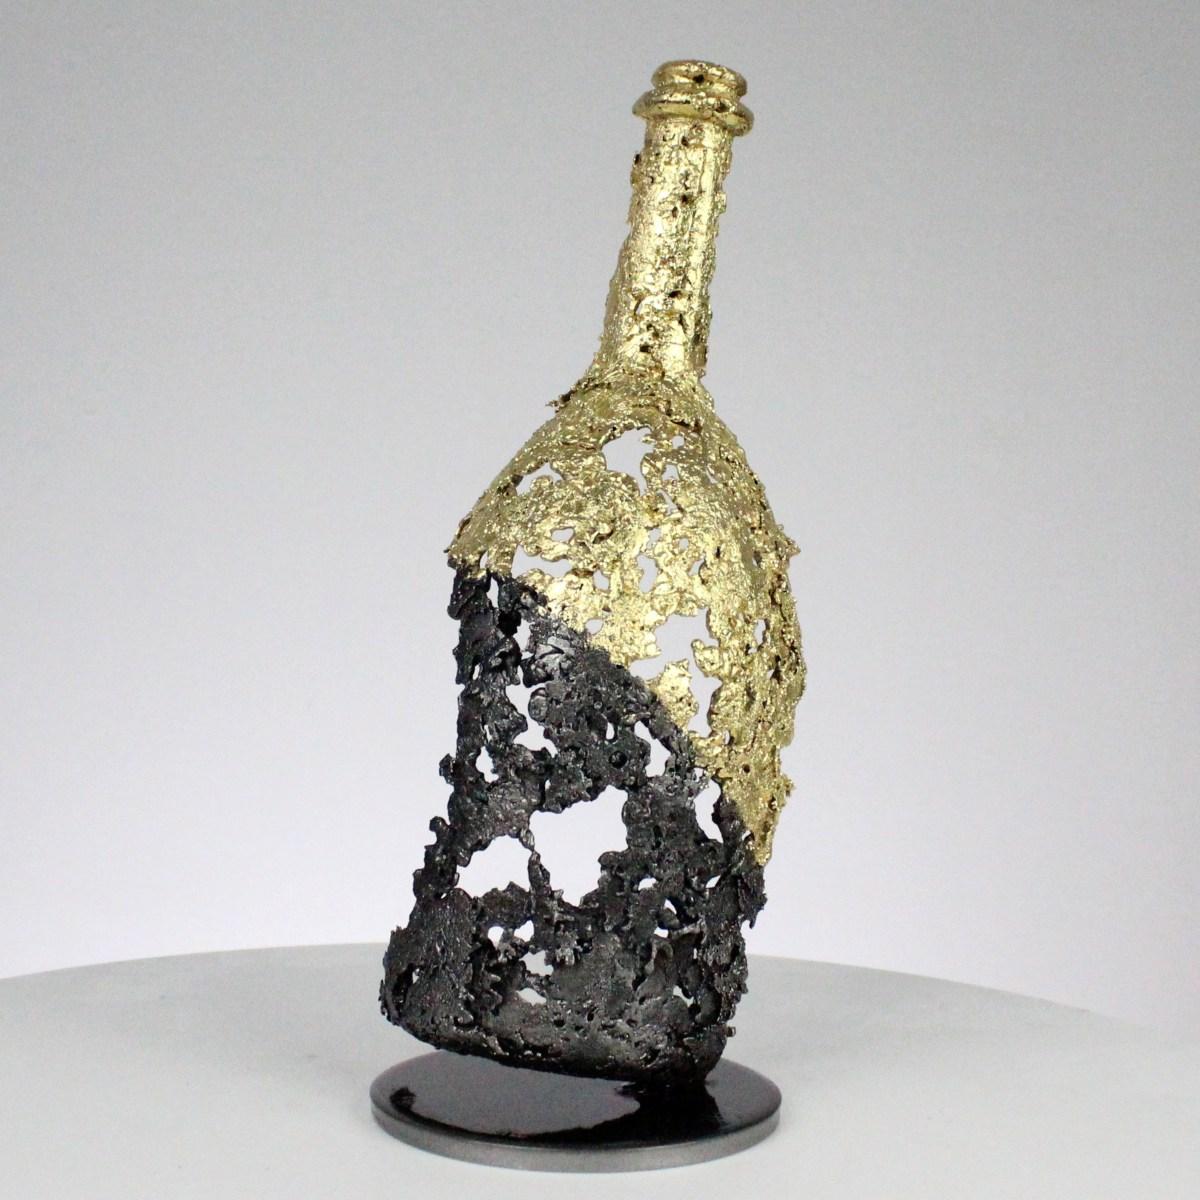 نحت زجاجة الشمبانيا Ruinart من الصلب والدانتيل الذهبي - ارتفاع 29 سم